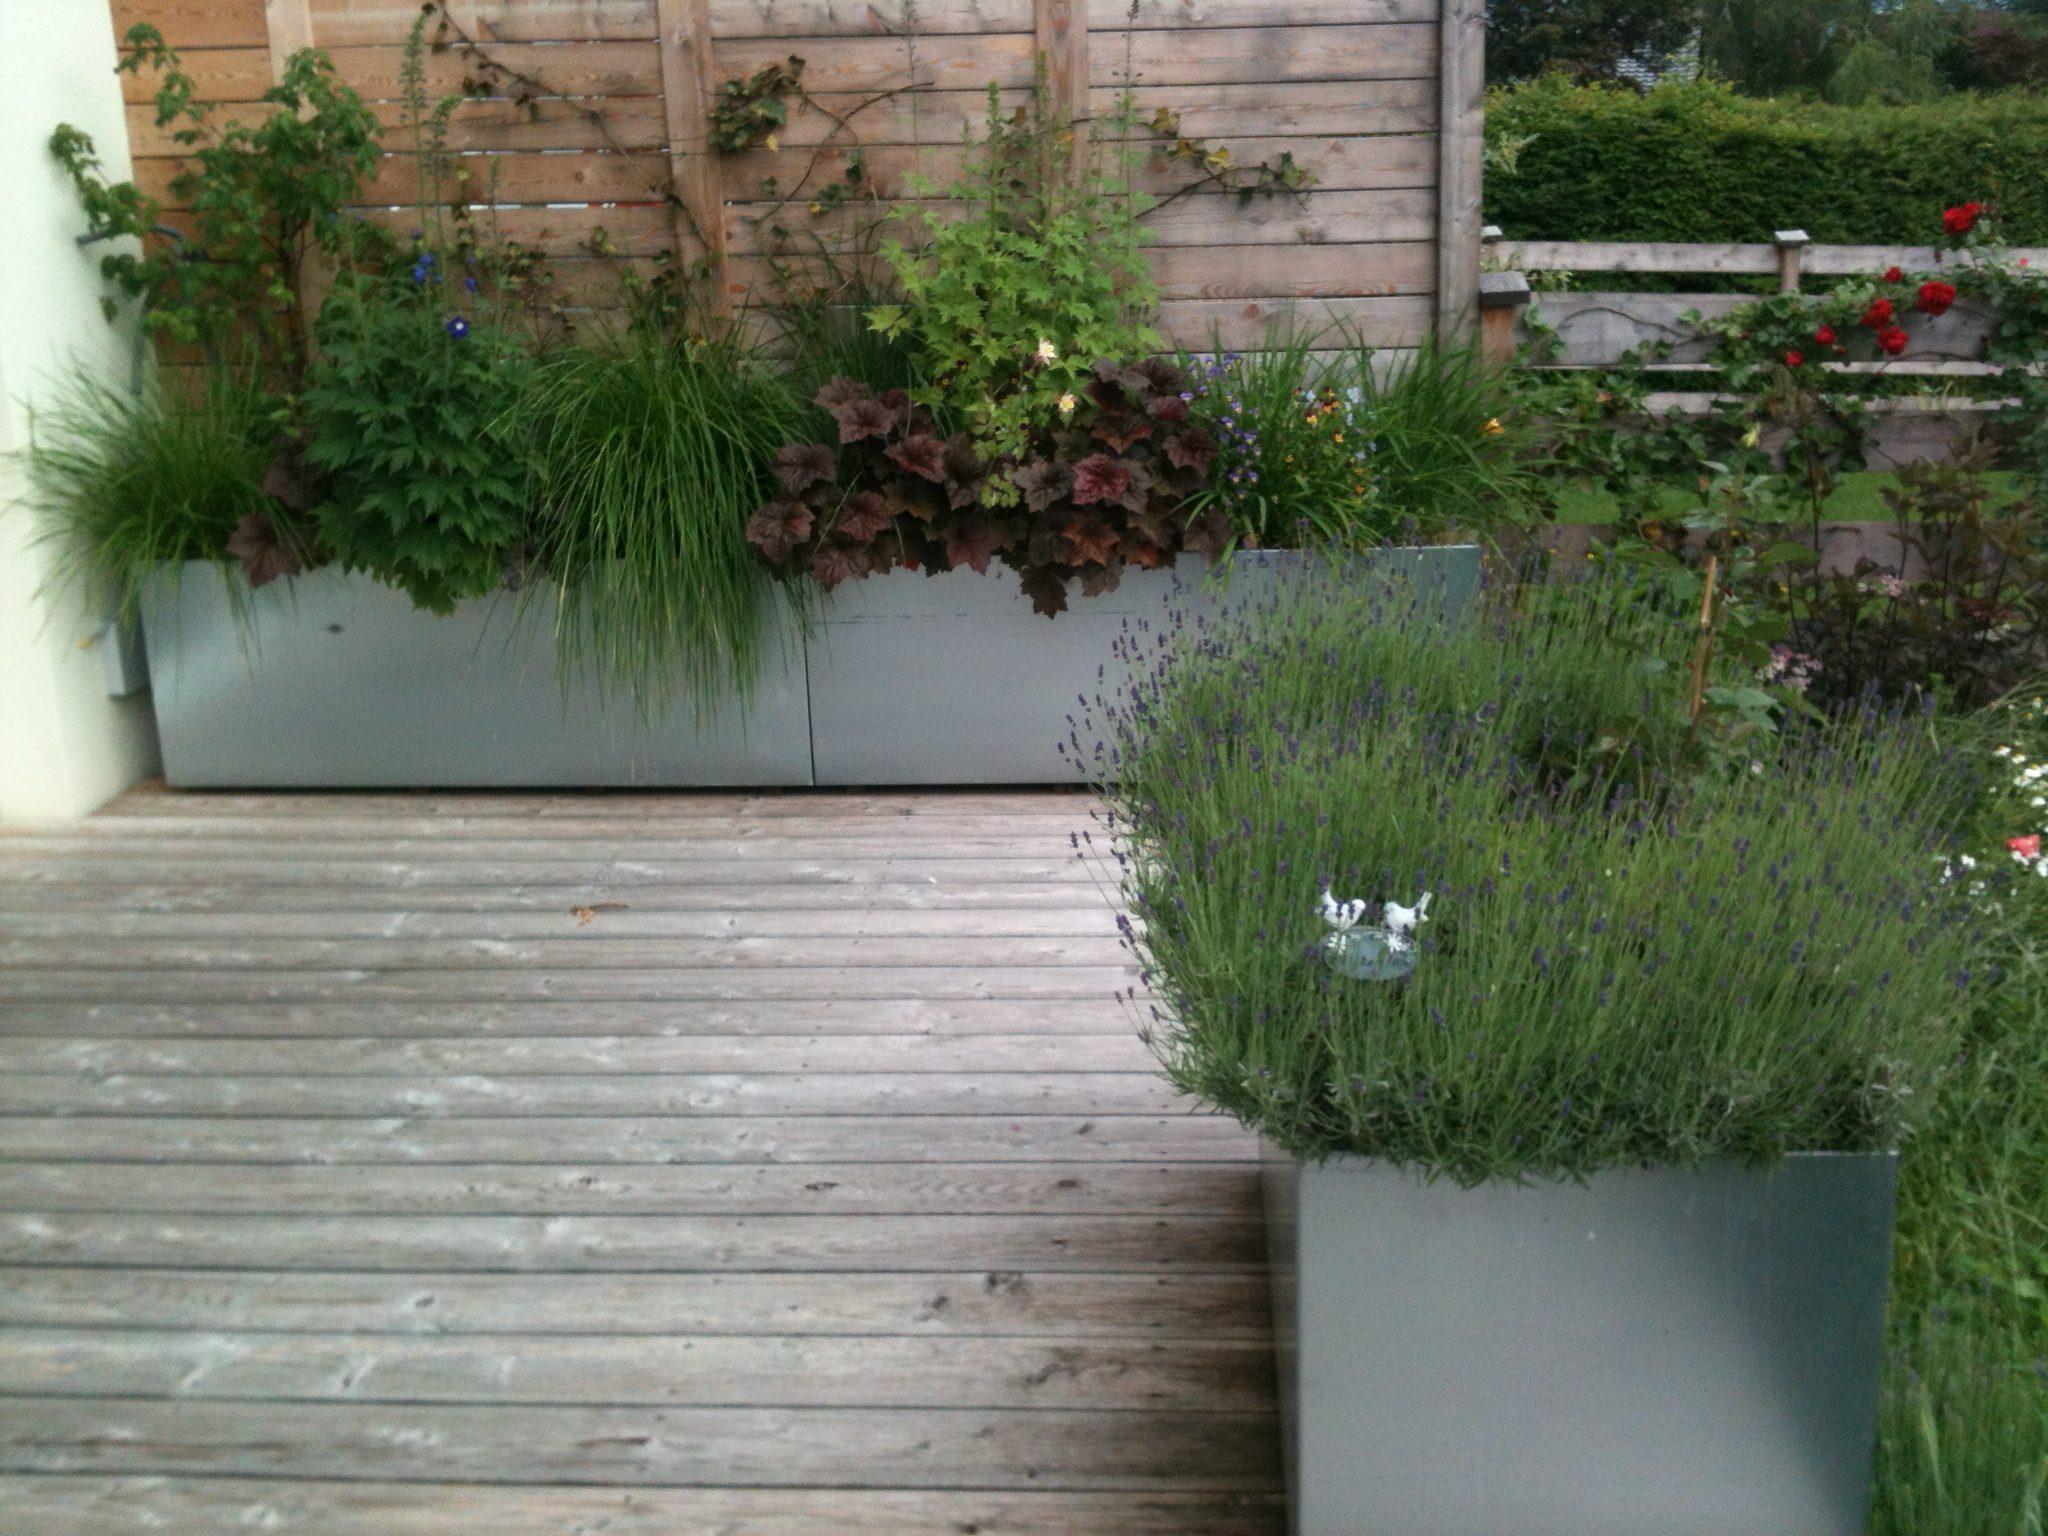 Dachgartengestaltung